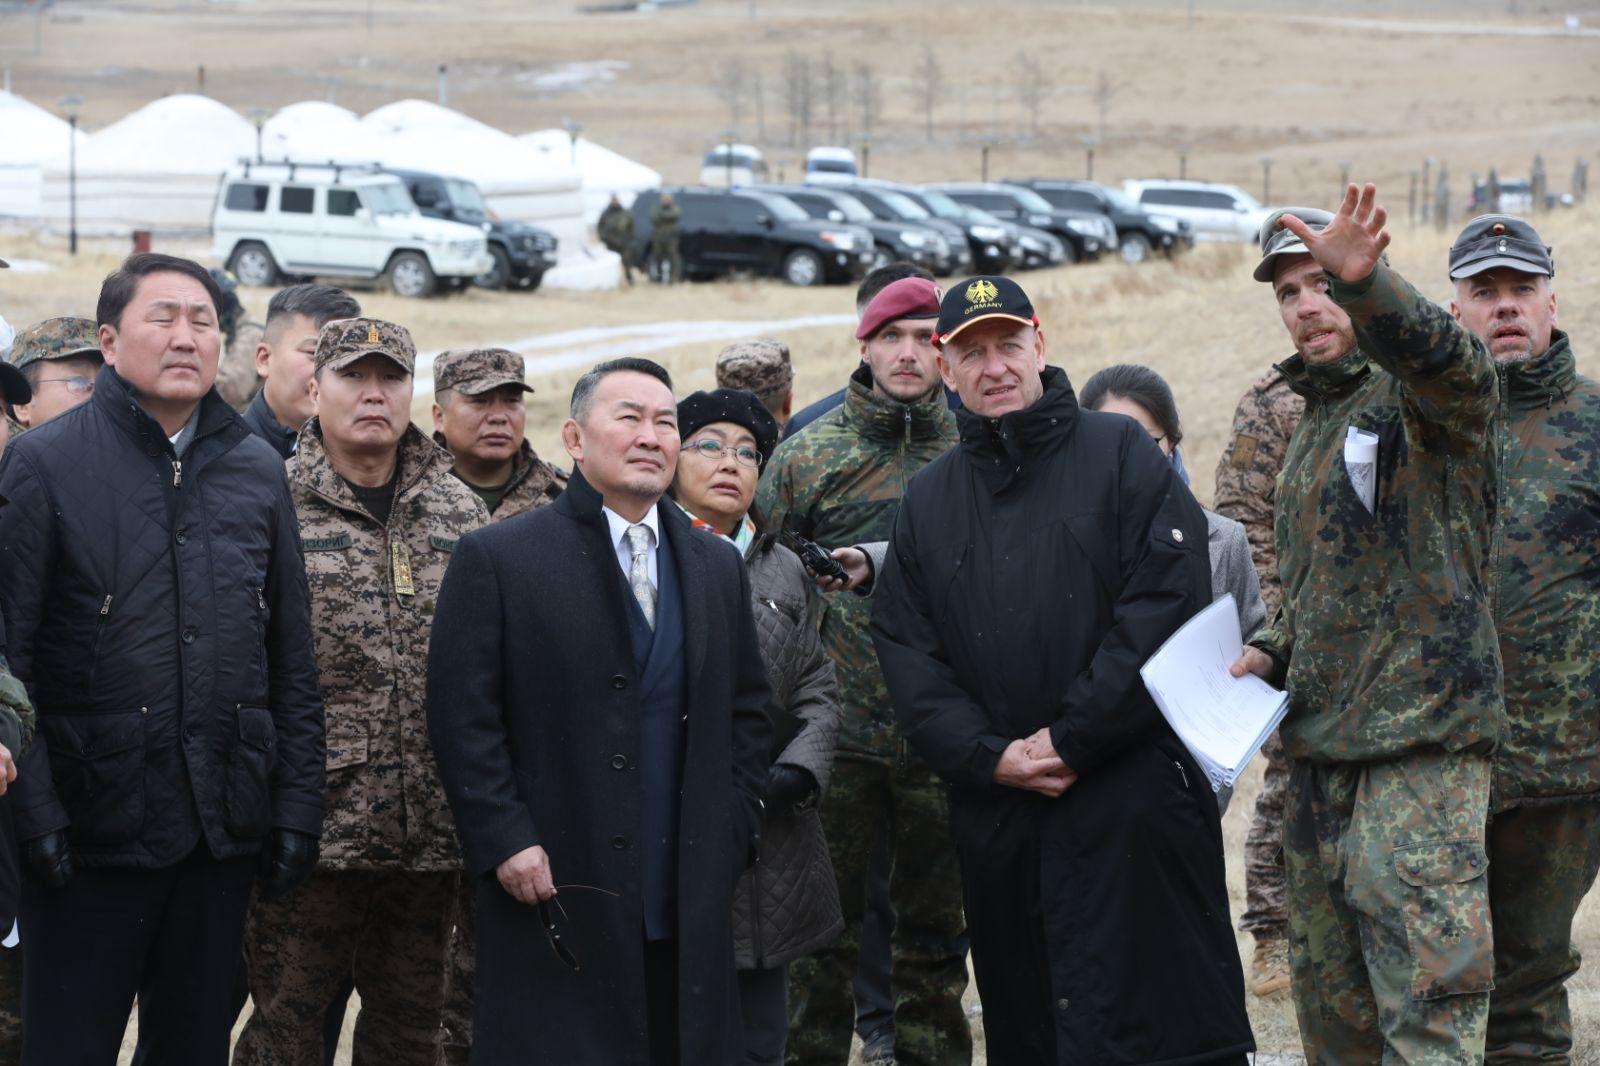 Монгол Улсын Ерөнхийлөгч Х.Баттулга Монгол-Герман улсын Зэвсэгт хүчний хамтарсан сургалтын үйл ажиллагаатай танилцлаа